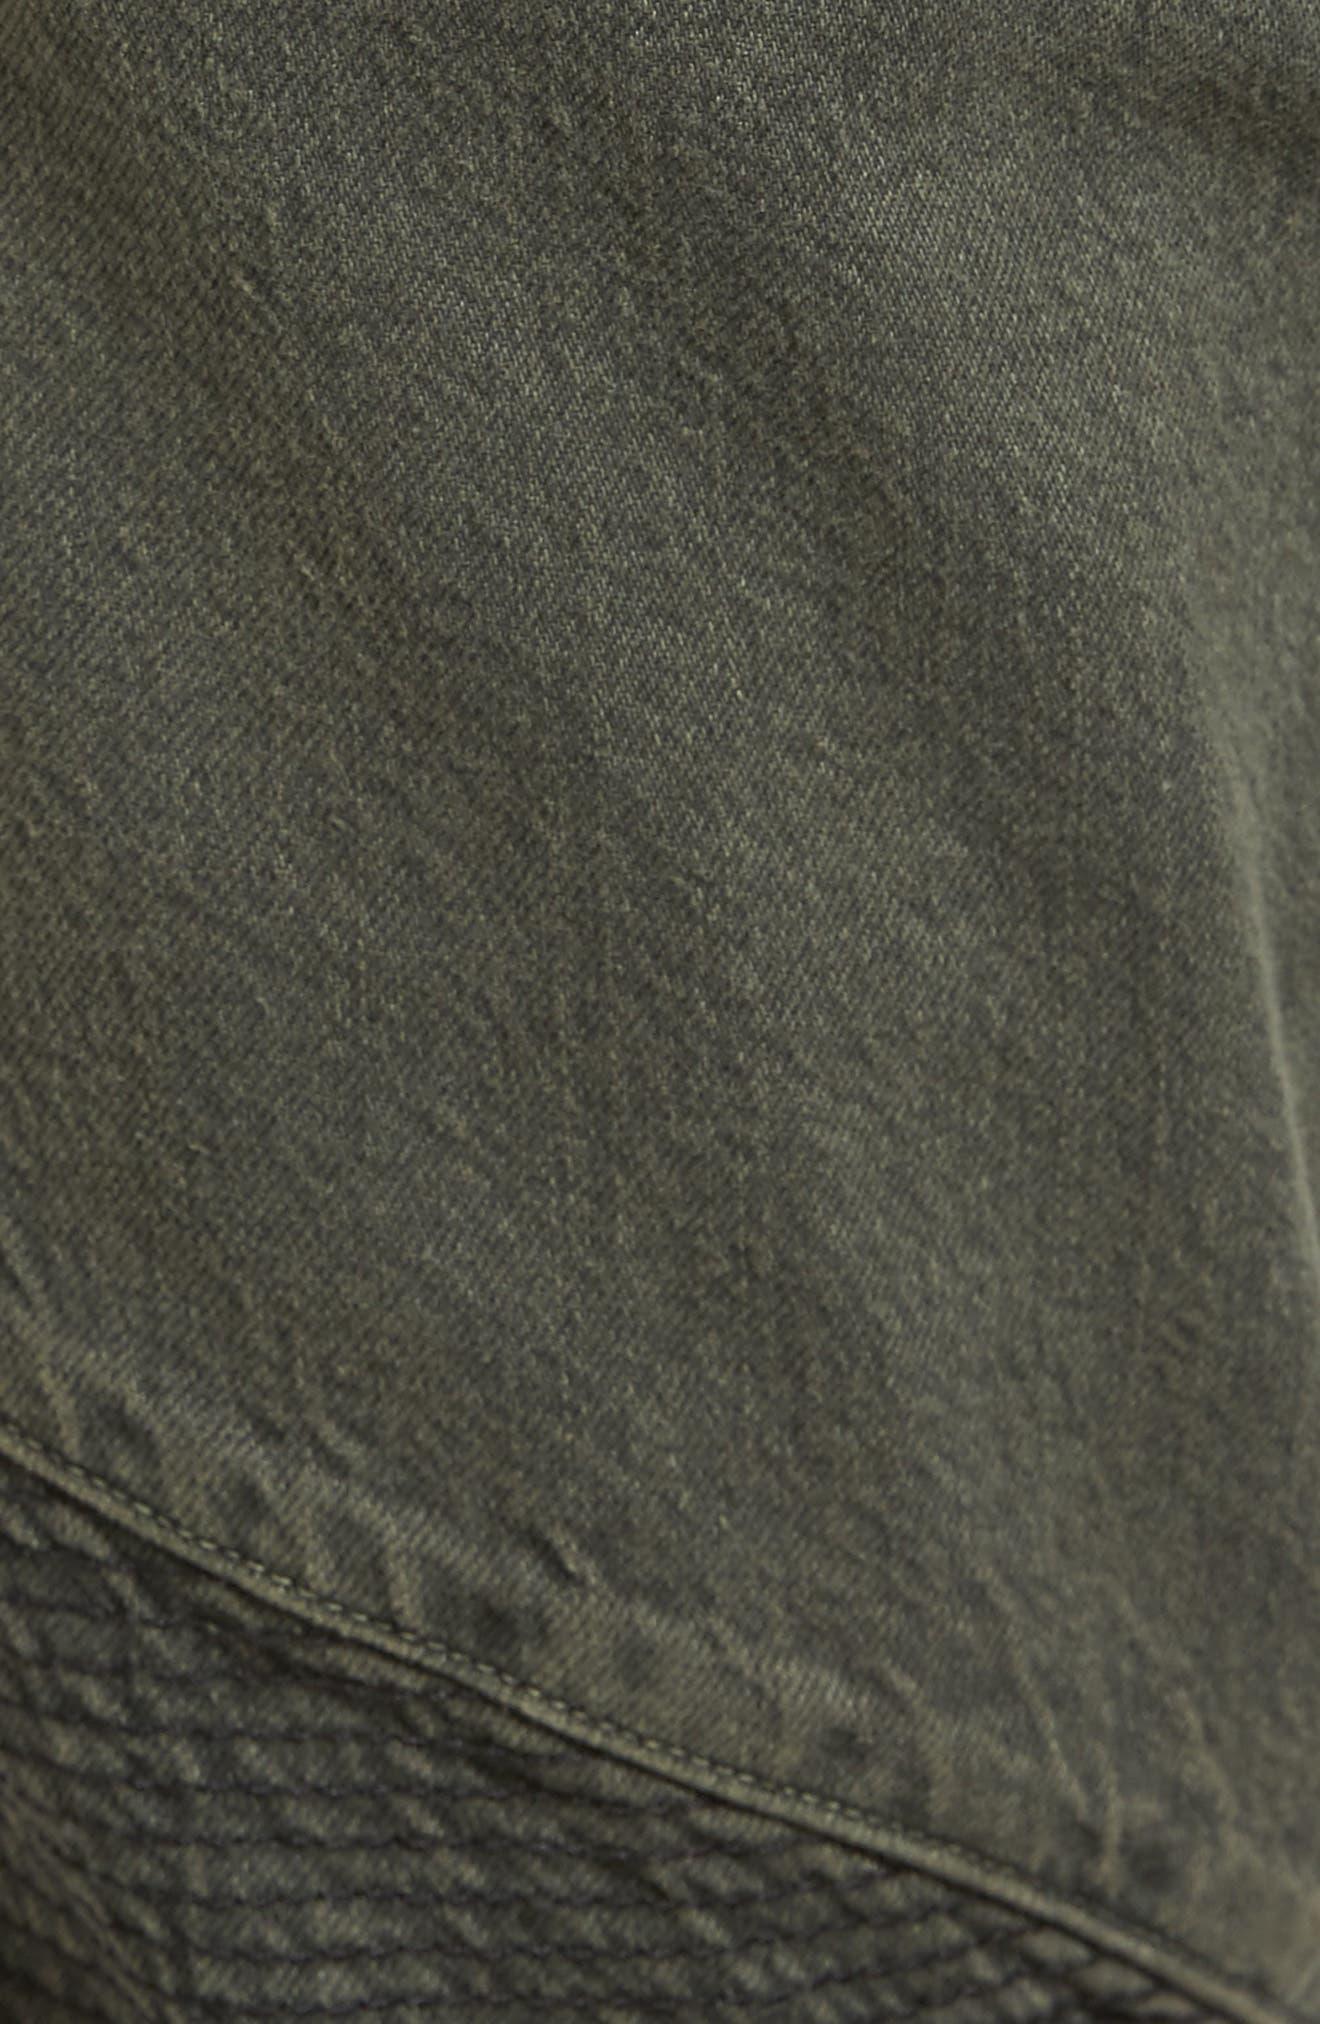 Blinder Biker Skinny Fit Jeans,                             Alternate thumbnail 5, color,                             300